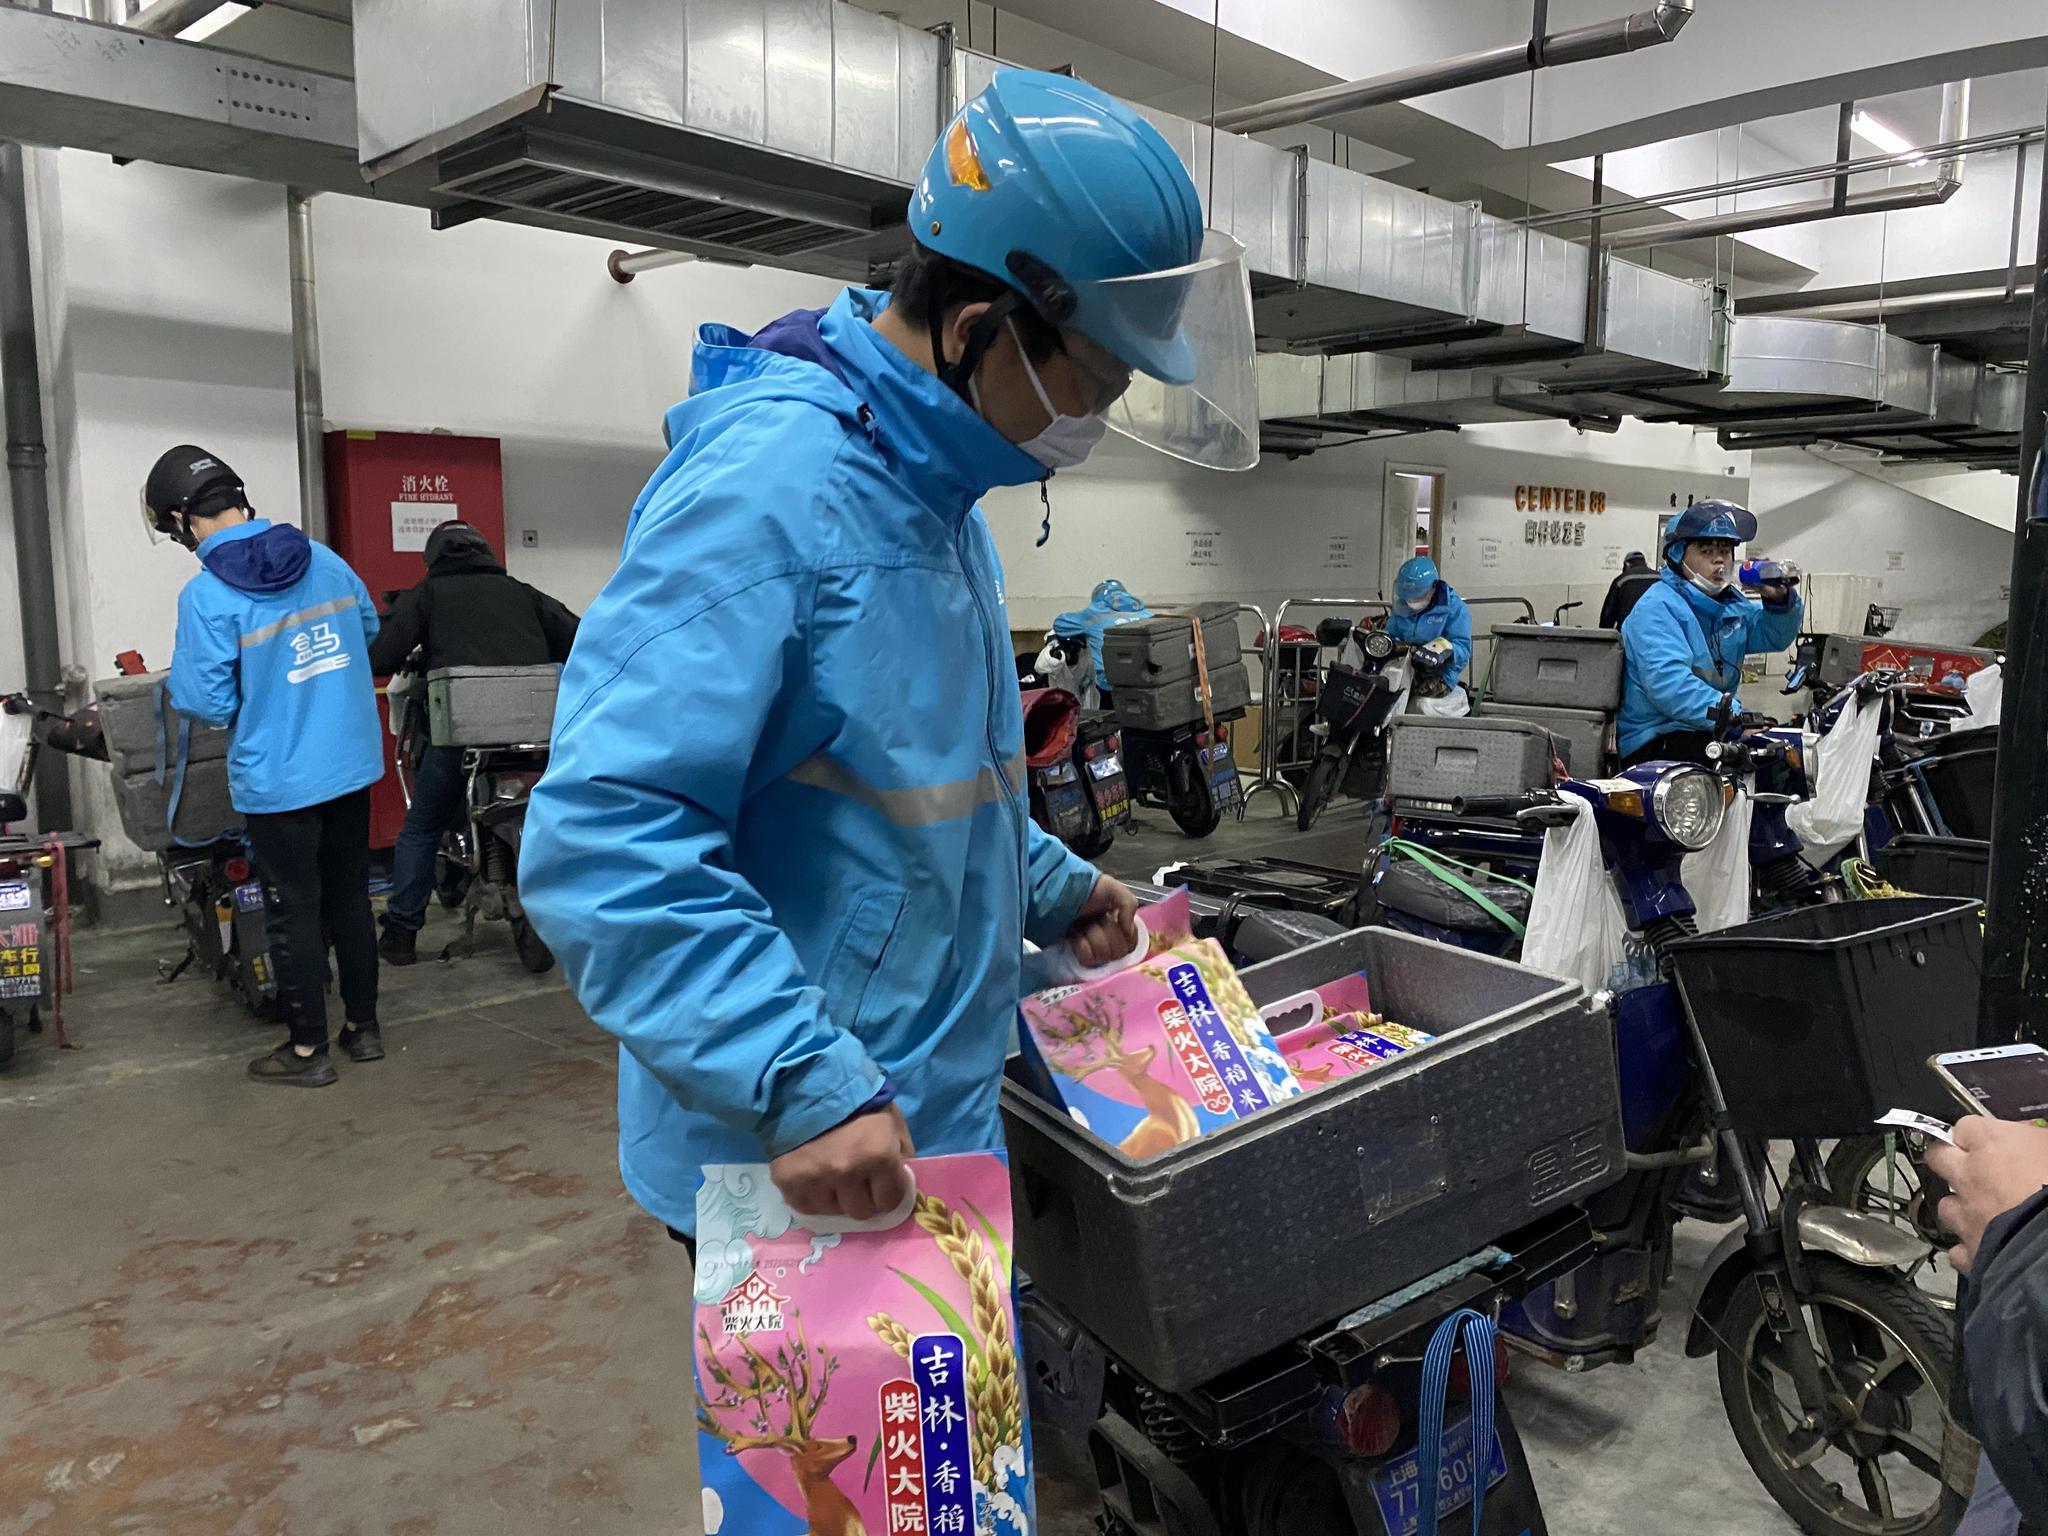 不用囤粮!永辉、盒马、沃尔玛等商超备货充足不涨价图片